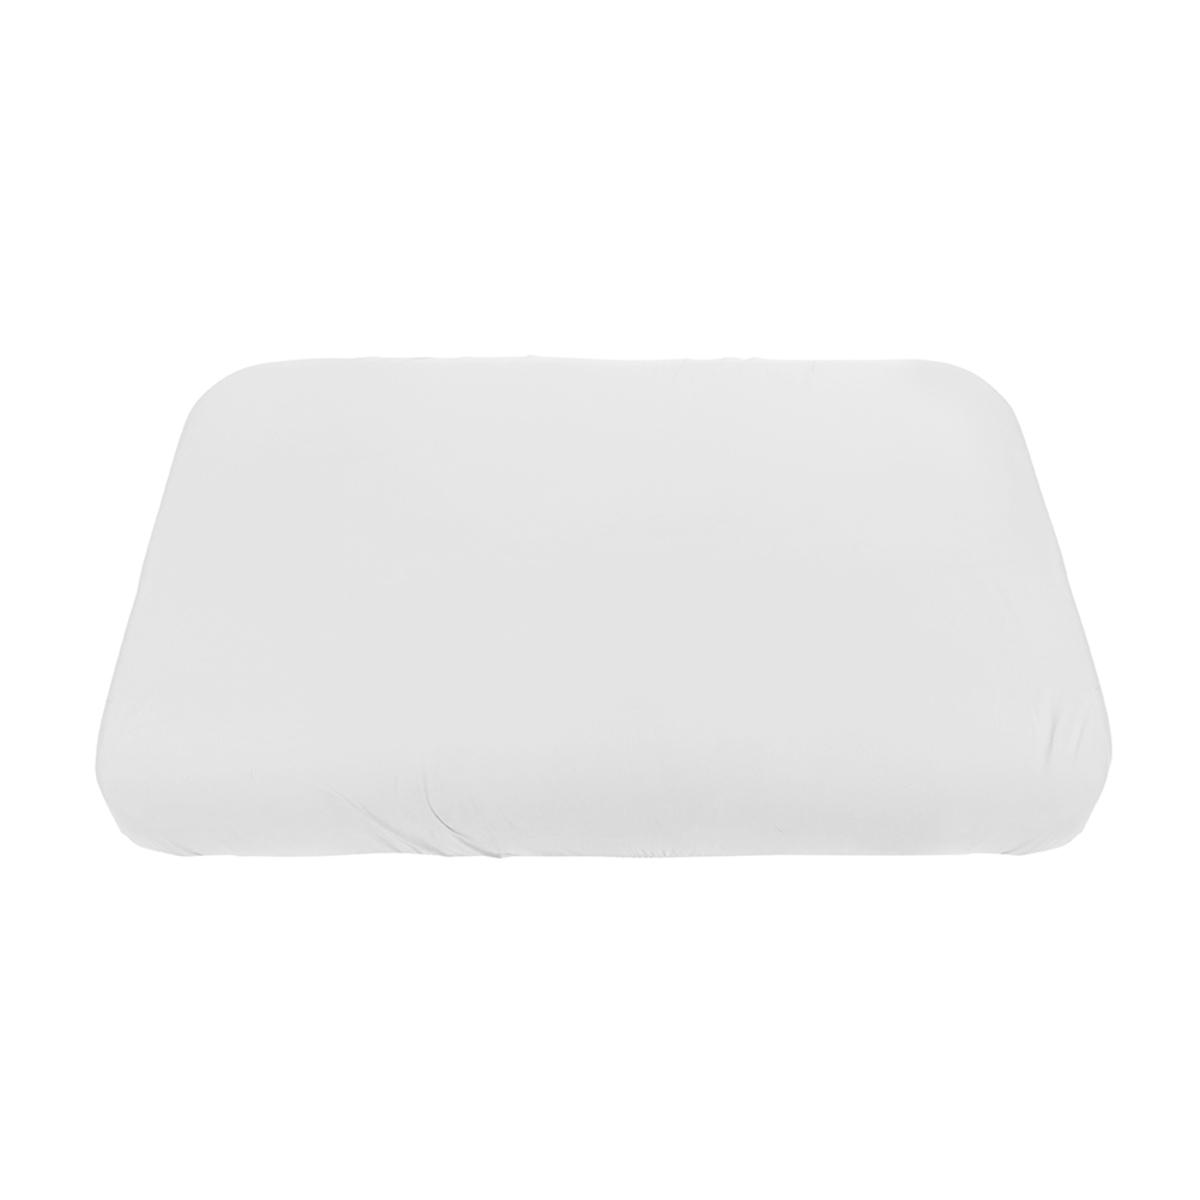 Linge de lit Drap Housse Blanc - 70 x 120 cm Drap Housse Blanc - 70 x 120 cm